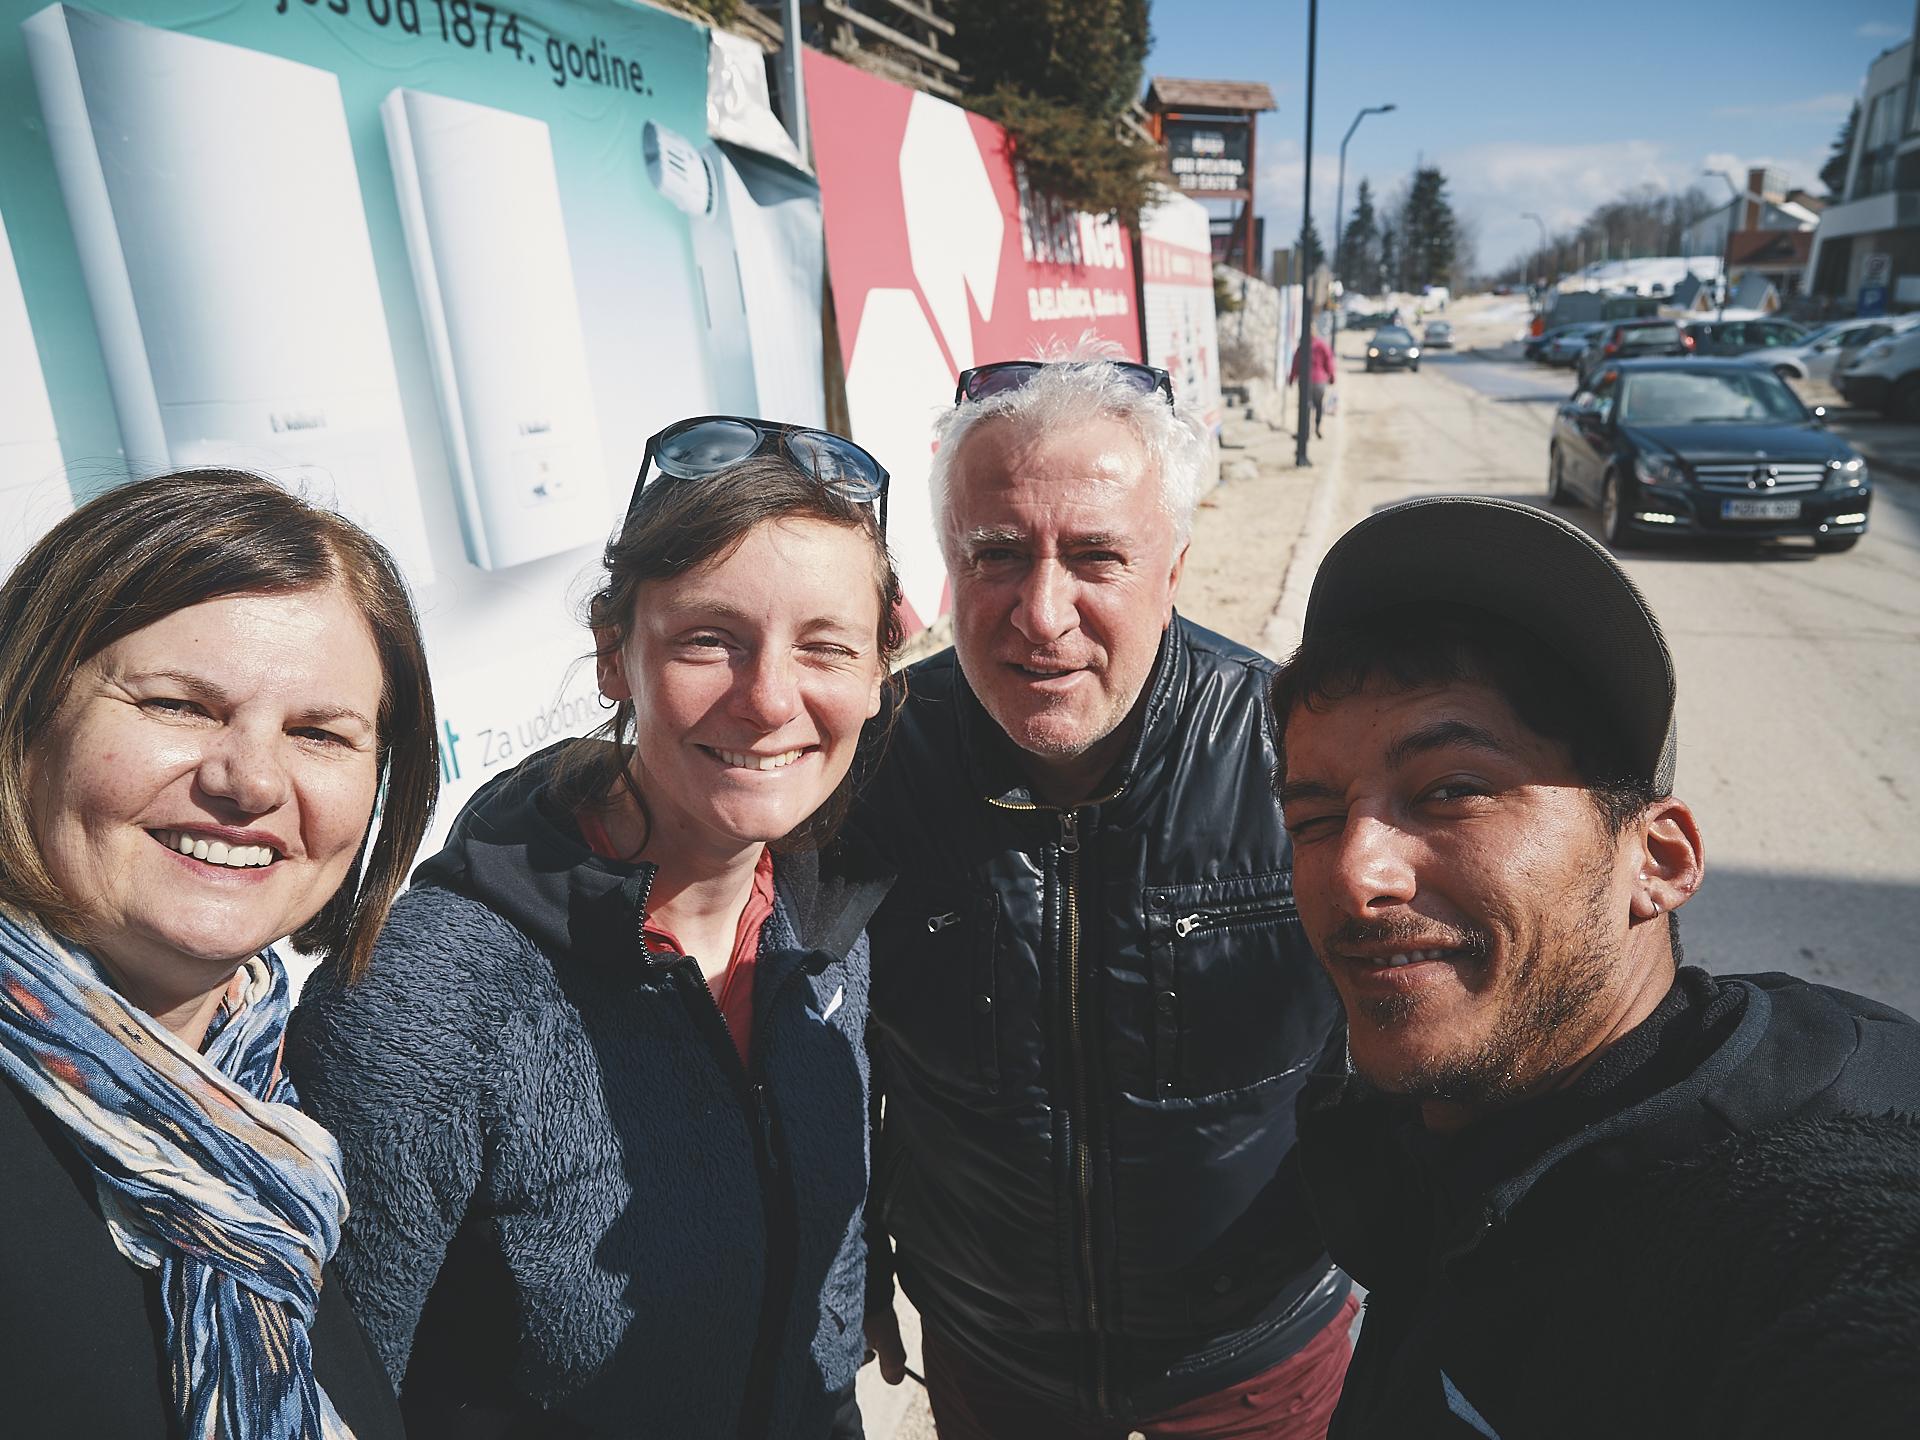 2PVA - BOSNIA HERZEGOVINA-mars 03 2019 -